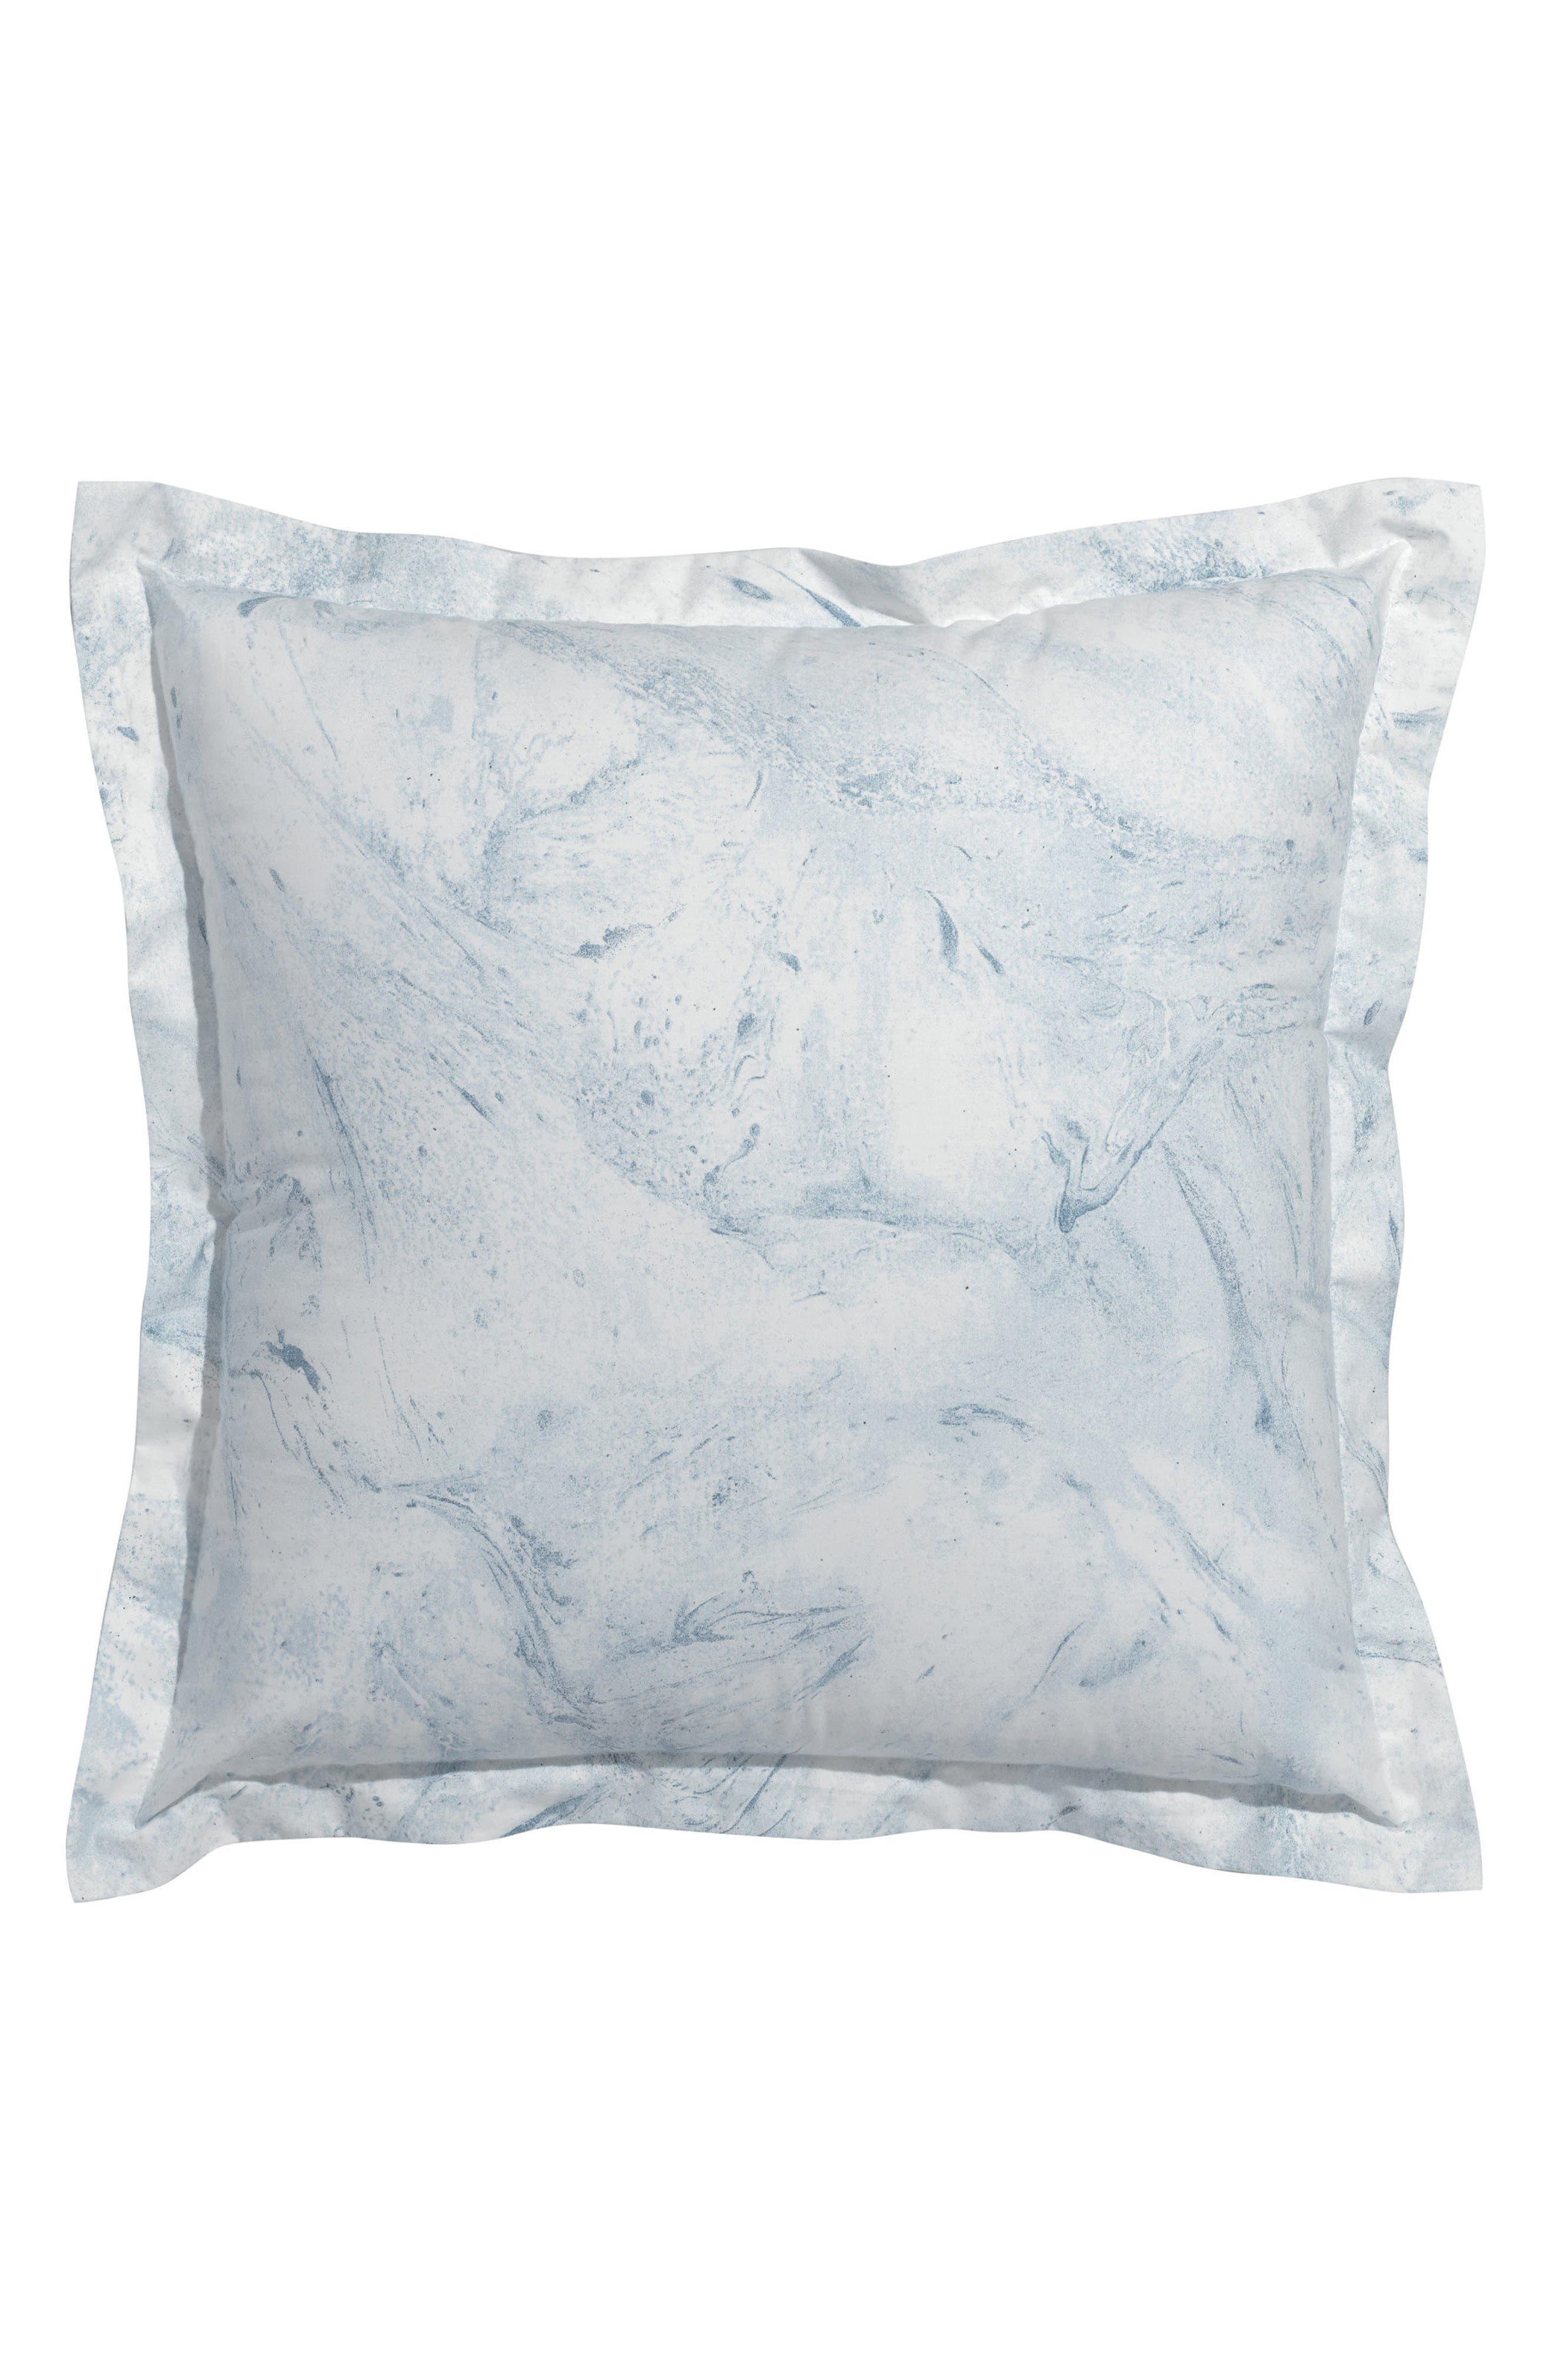 Glacier Bay Square Organic Cotton Accent Pillow,                         Main,                         color, 400